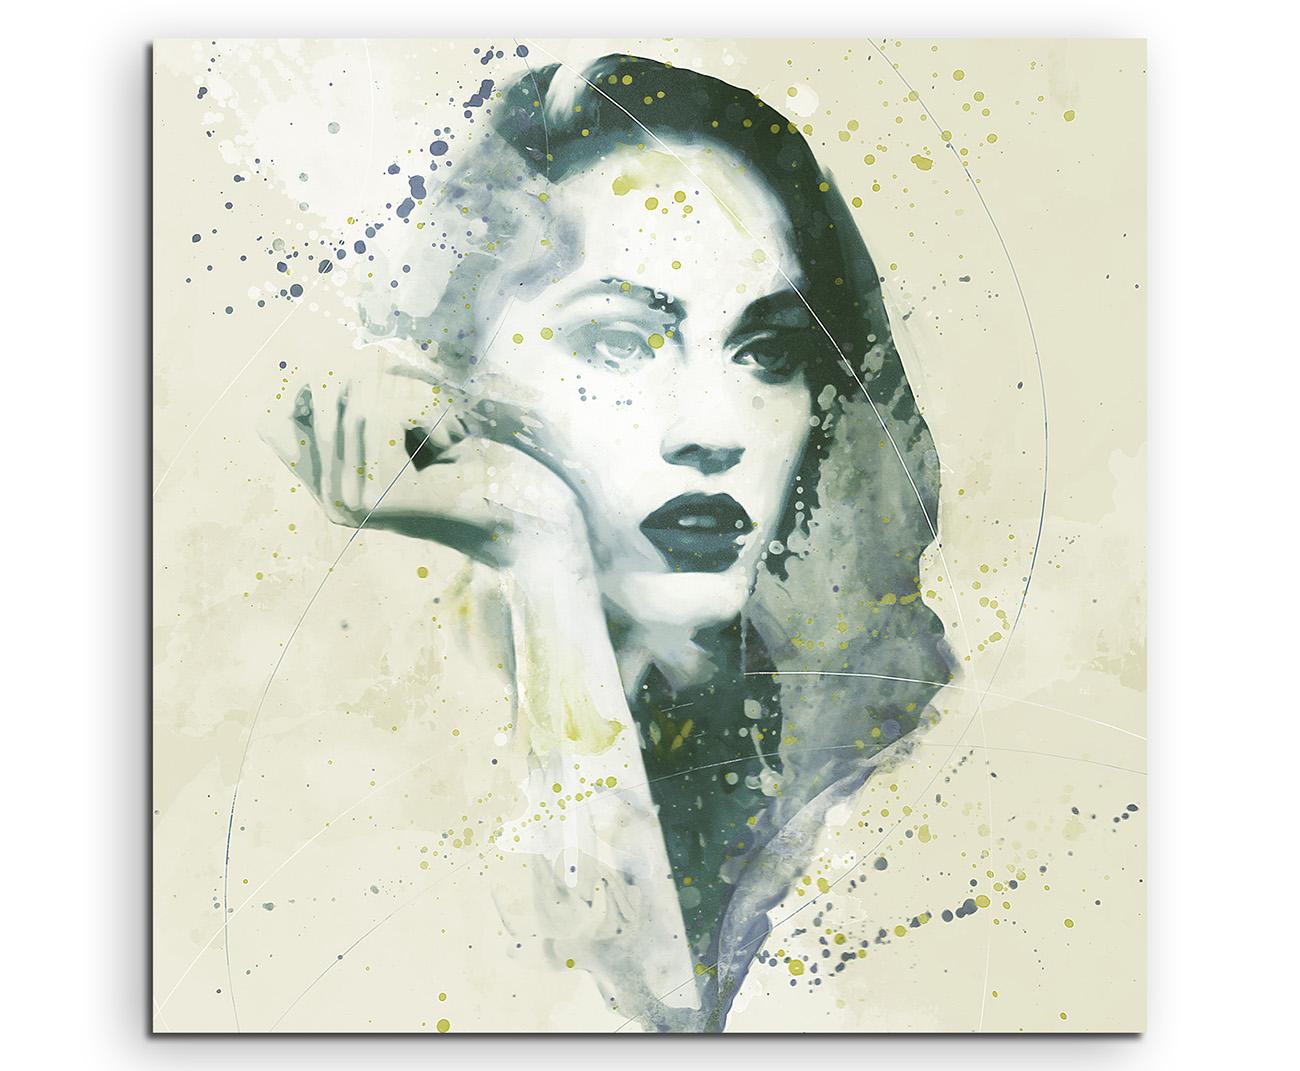 Megan Fox II Aqua 90x60cm Wandbild Aquarell Art